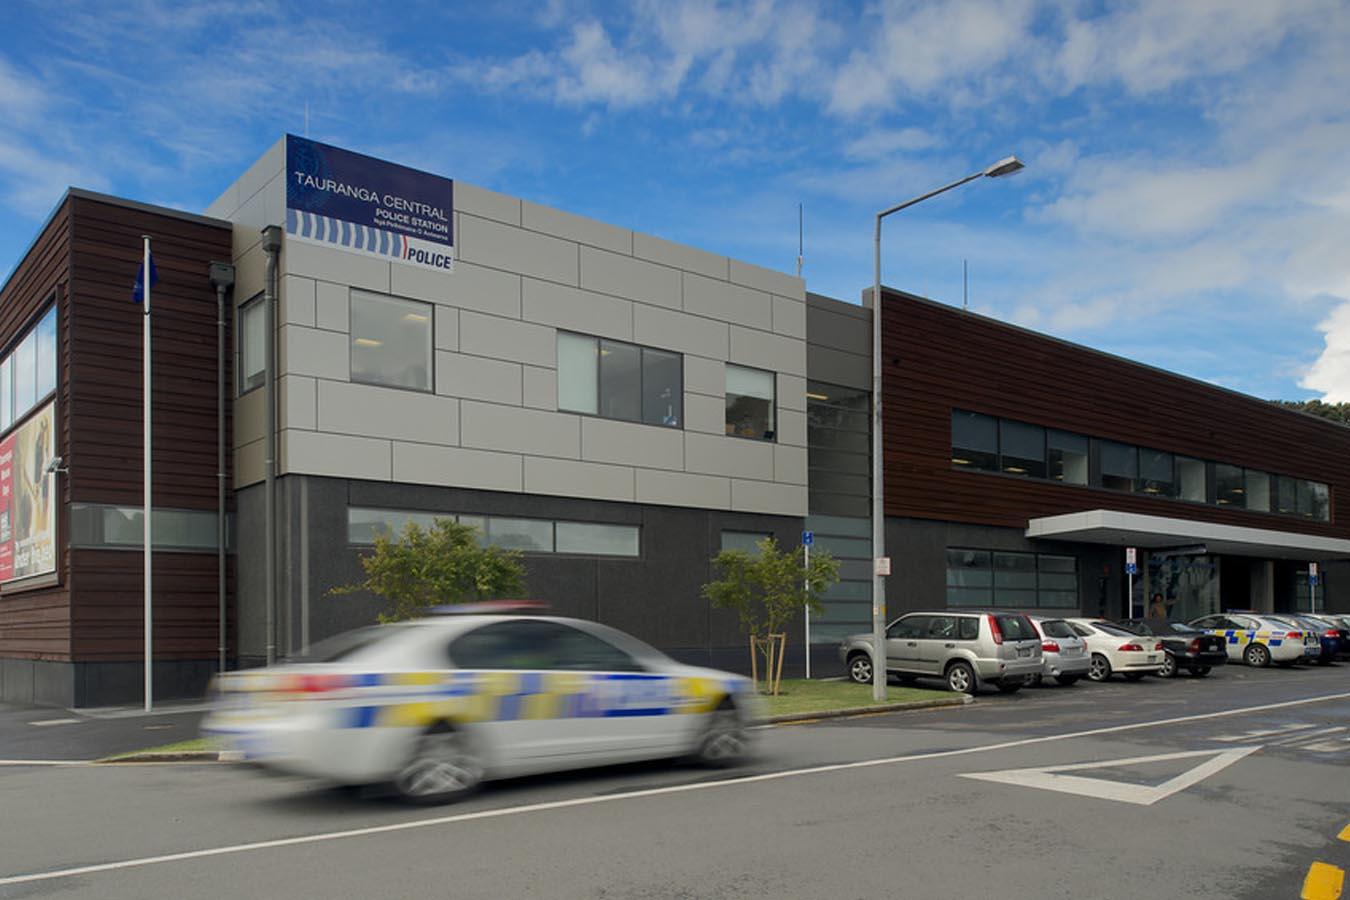 Tauranga Police Station